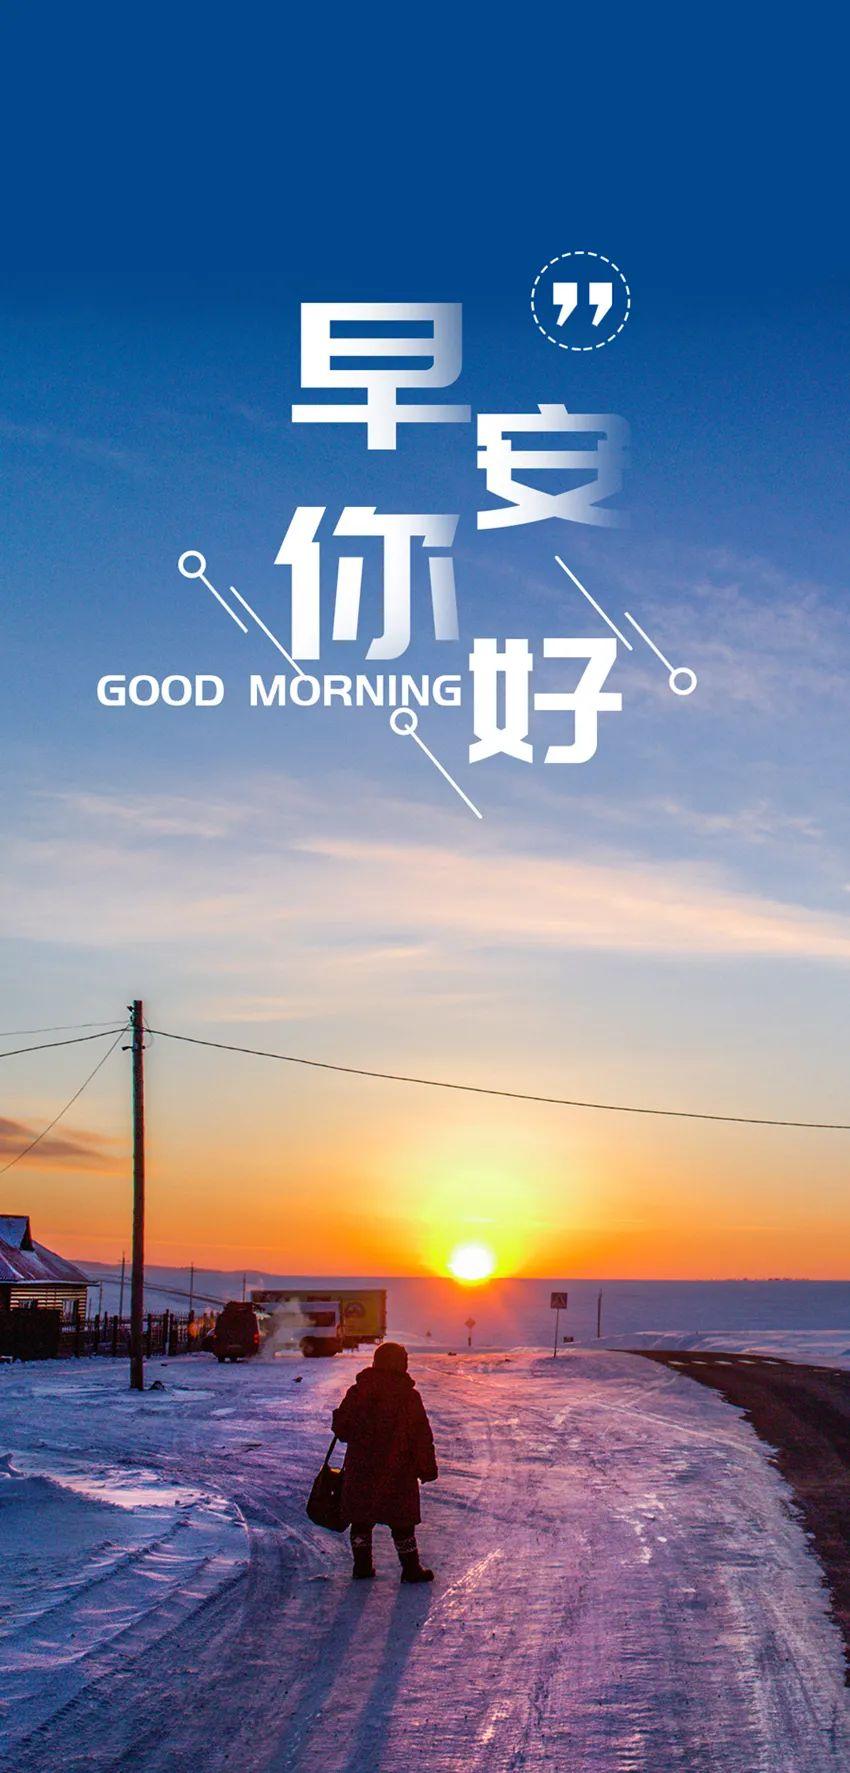 新周早安正能量日签图片语录,周一早上好说说带图